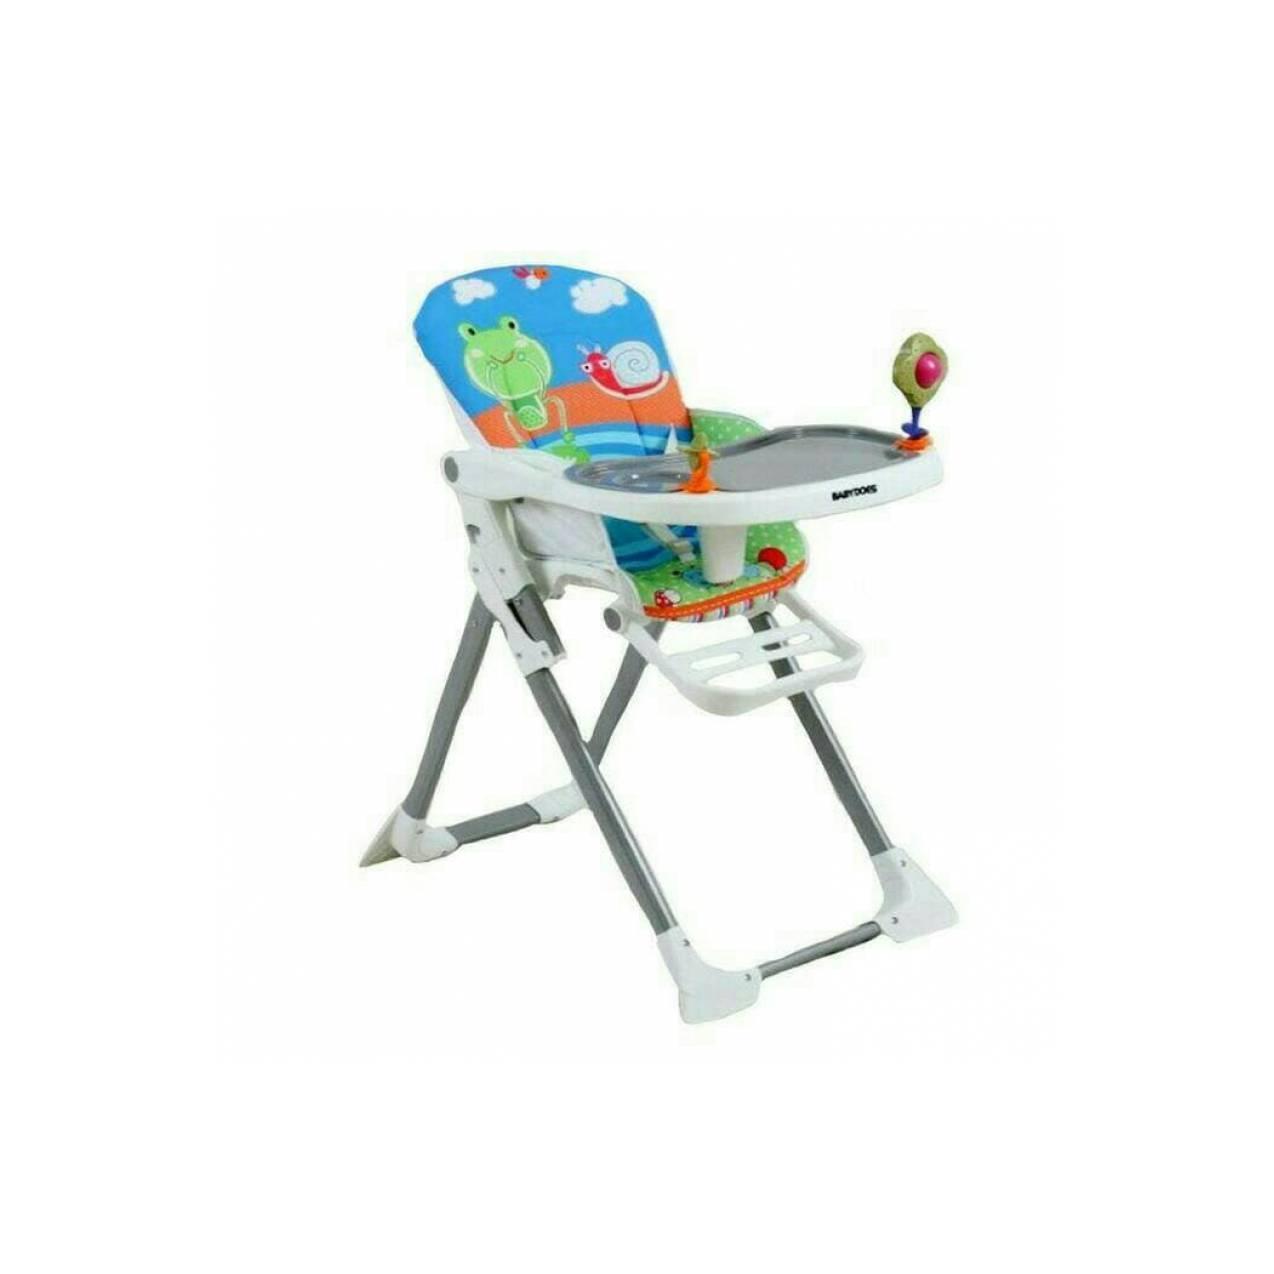 Kursi Makan Bayi/ Meja Makan Baby/ High Chair/ Babydoes Ultimo/ Murah